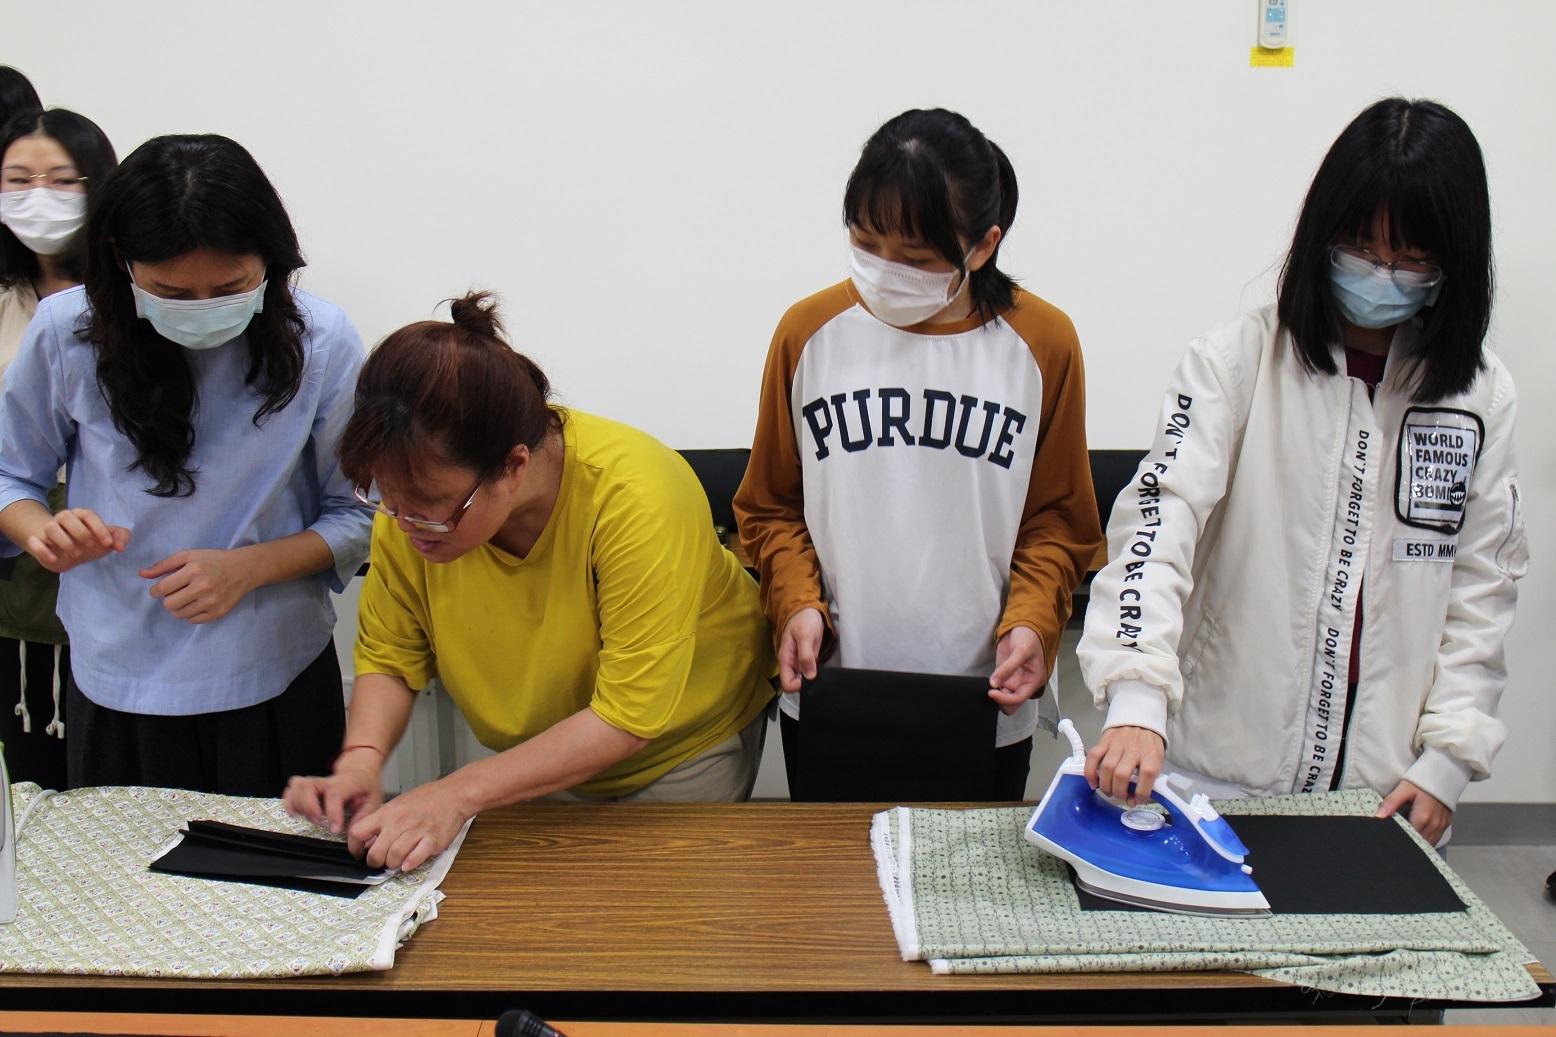 講師吳億樺(左二彎腰者)指導東華師生熨燙摺痕(左一為東華大學黃雅鴻老師)